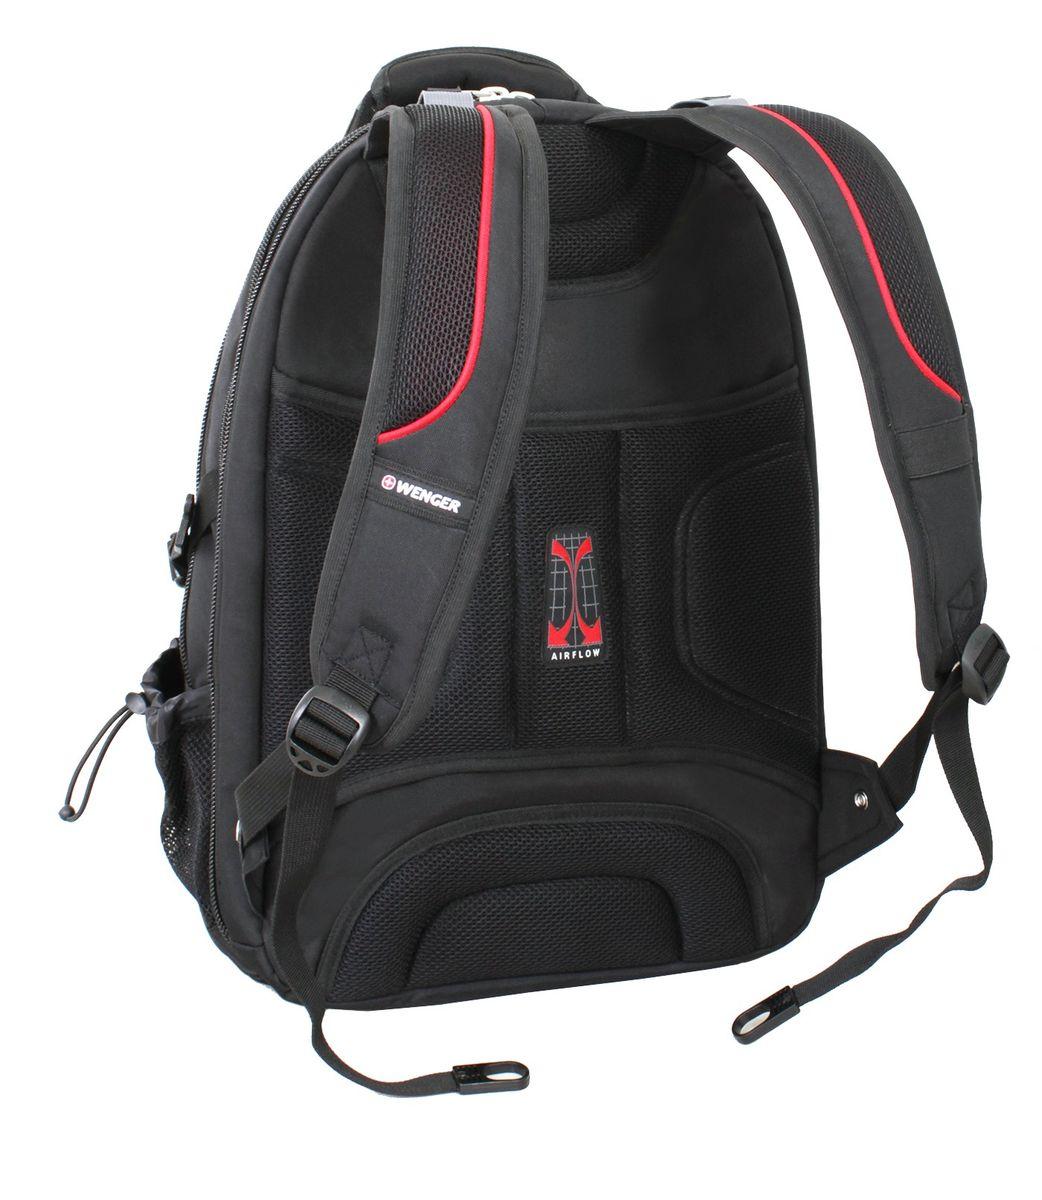 """Рюкзак городской """"Wenger"""", цвет: черный, красный, 34 см x 23 см x 48 см, 38 л"""